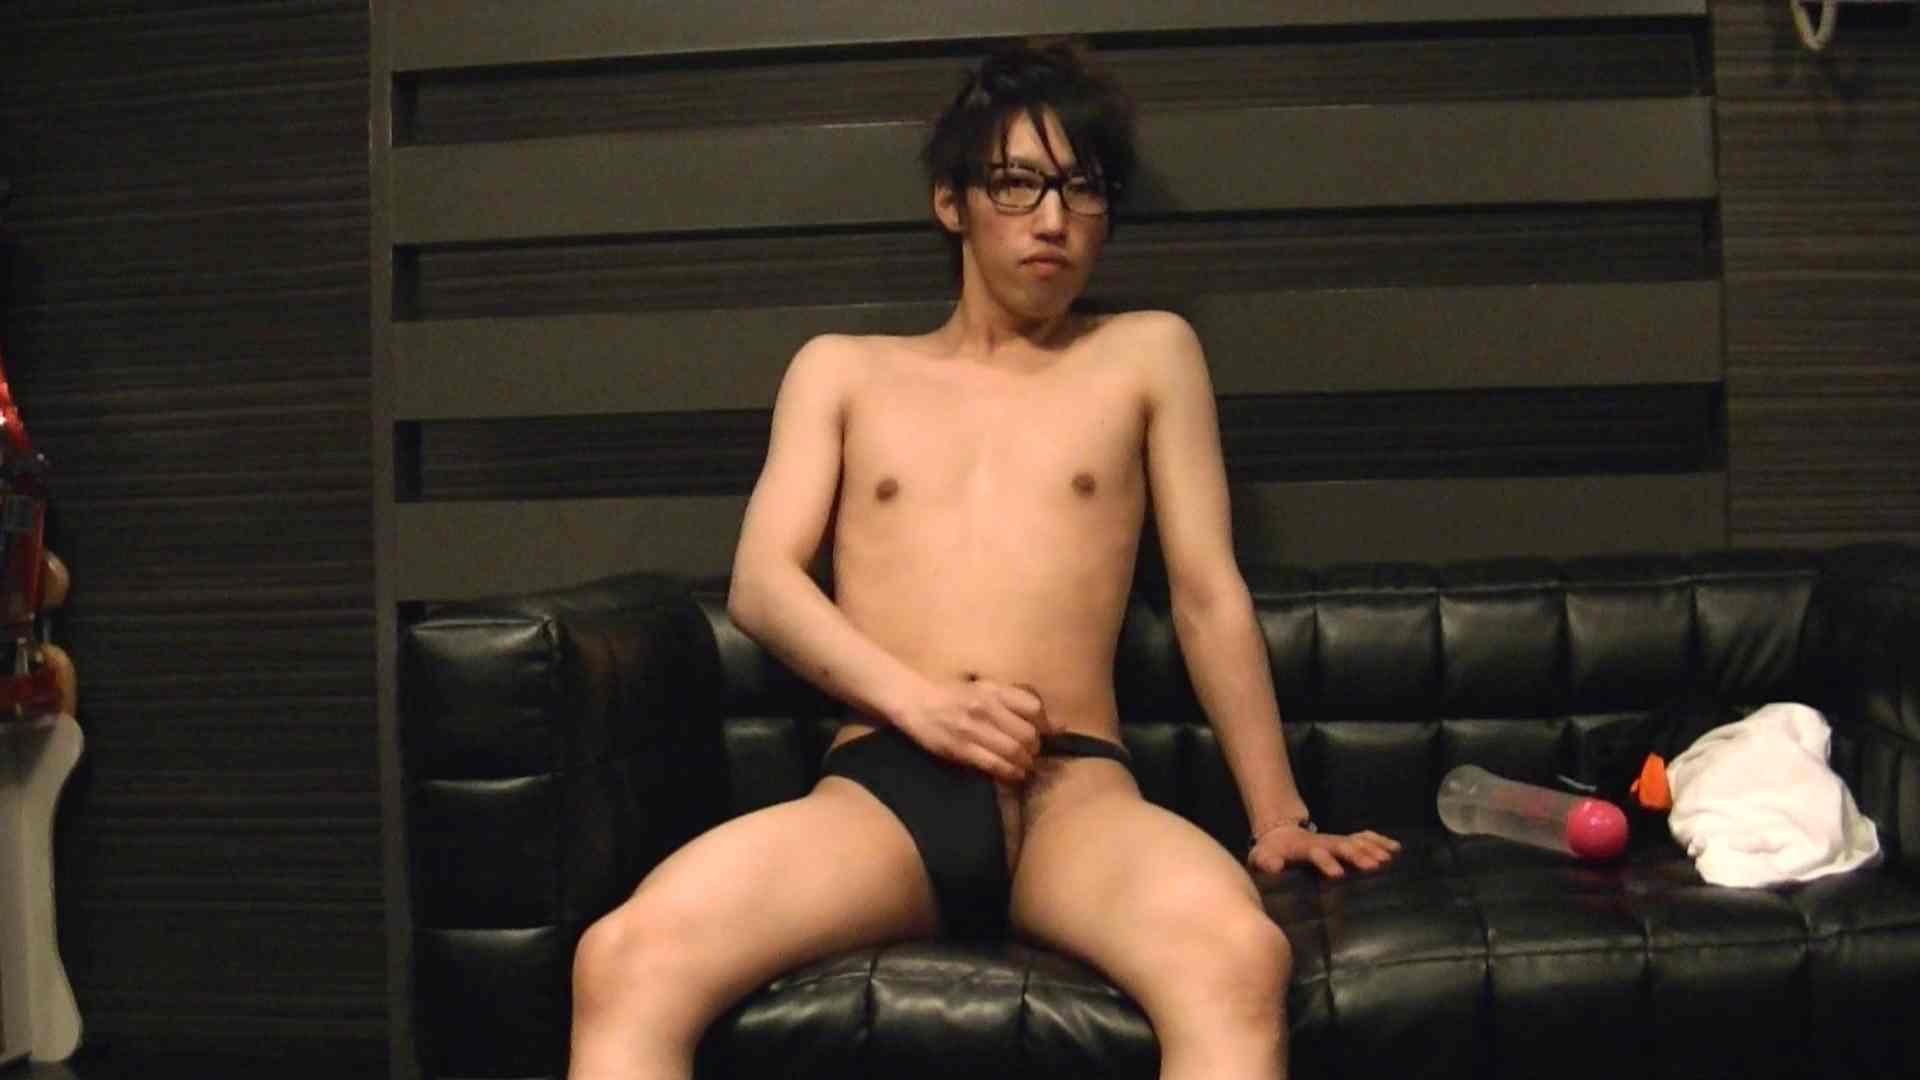 Mr.オナックスさん投稿!HD 貴方のオナニー三万円で撮影させてください。VOL.04 スジ筋系  32pic 6